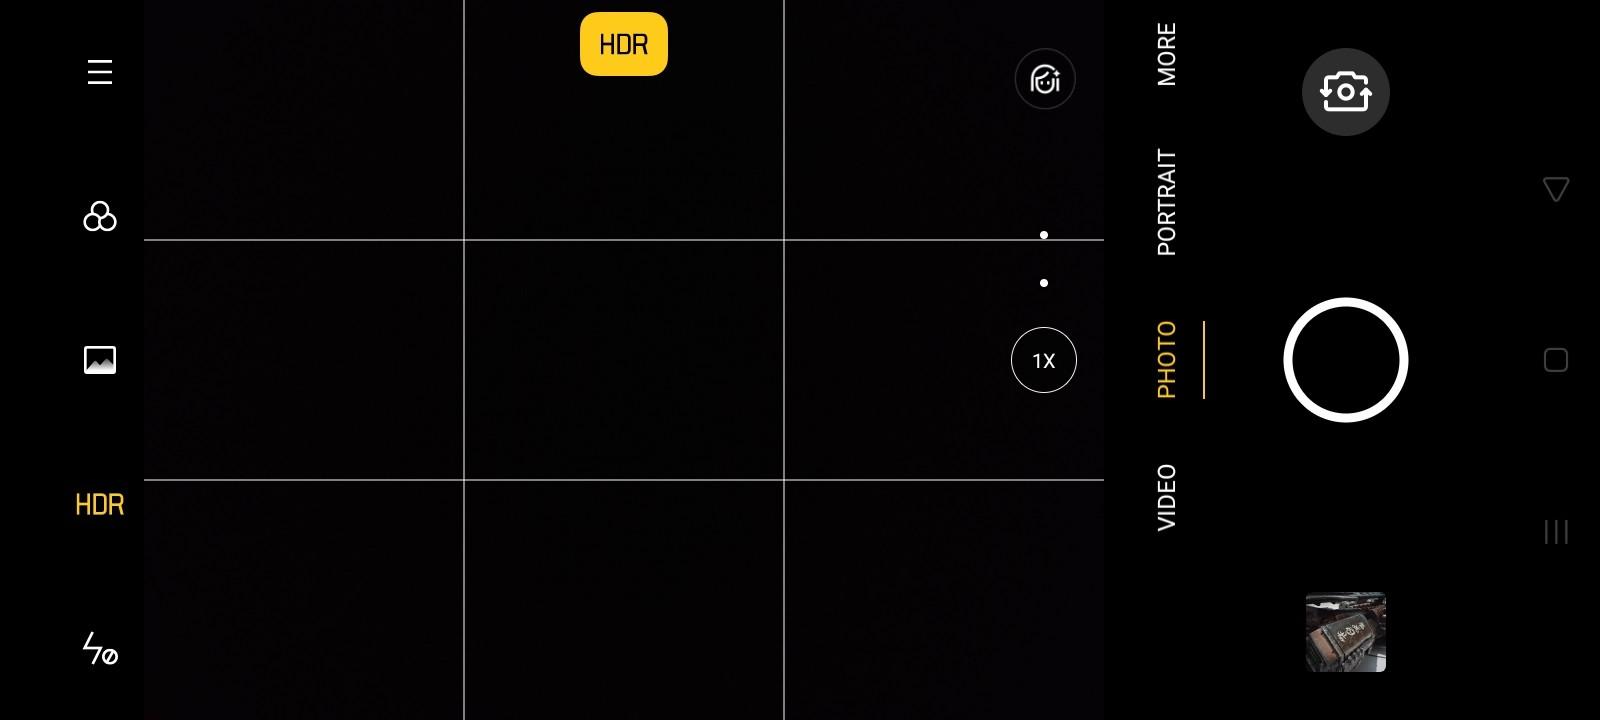 Review Kamera Realme C3: Triple Kamera Harga Terjangkau 3